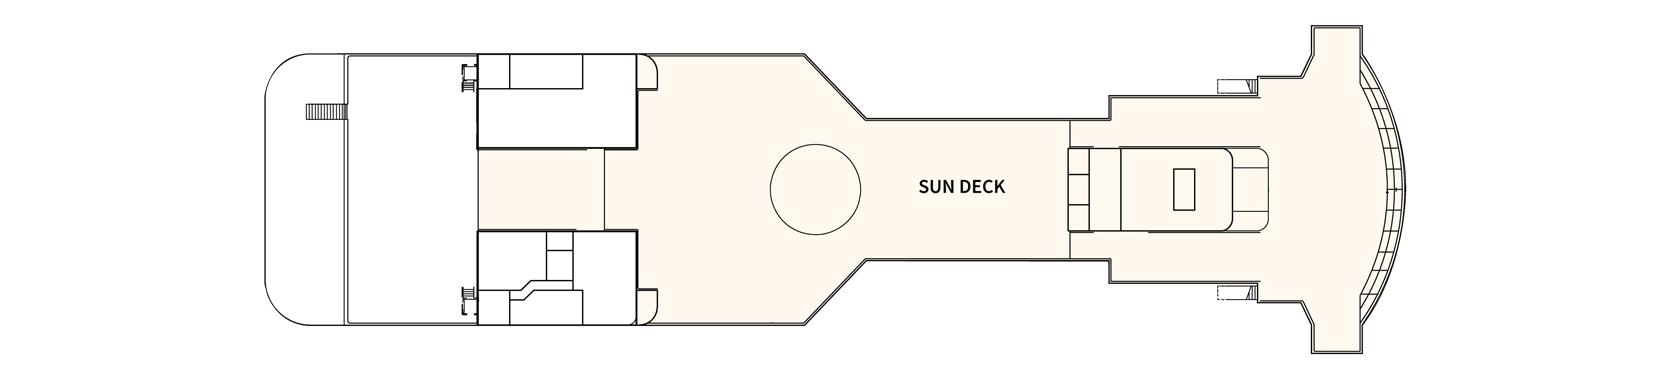 Hurtigruten MS Spitsbergen Deck Plans Deck 8.png